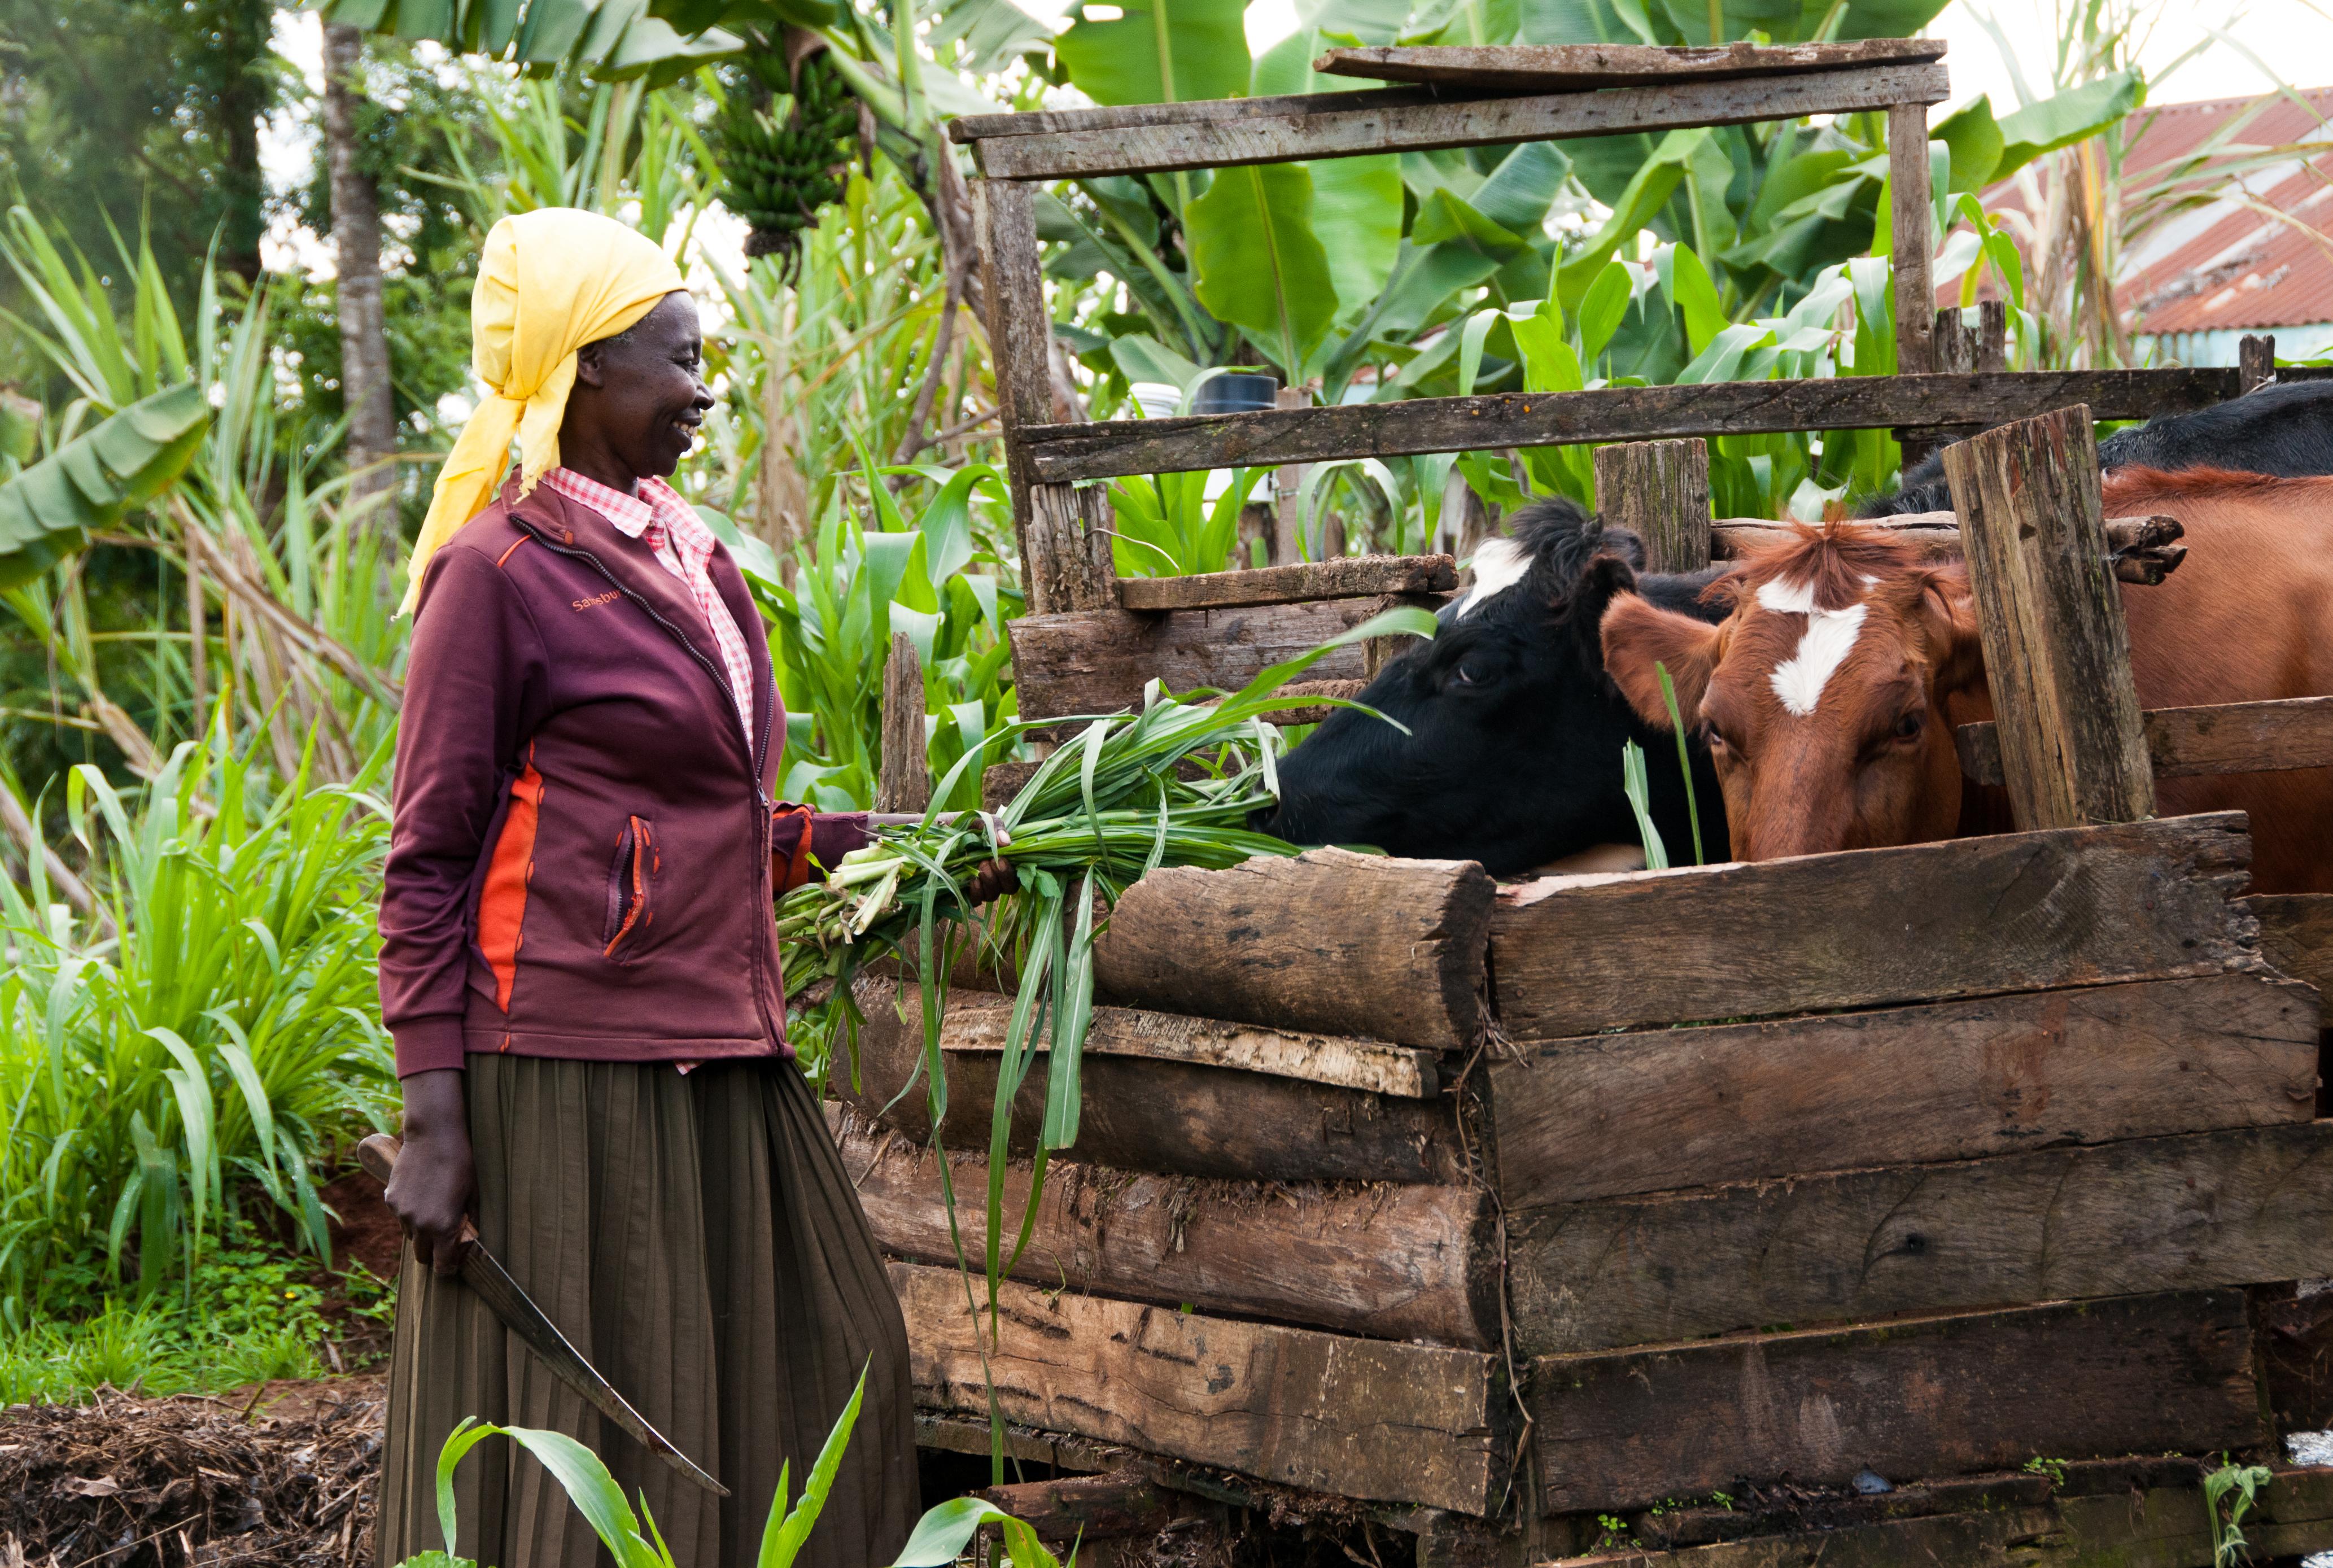 KenyanWomanFeedingCows_ByCIATsusanmacmillanTana River watershed, Kenya